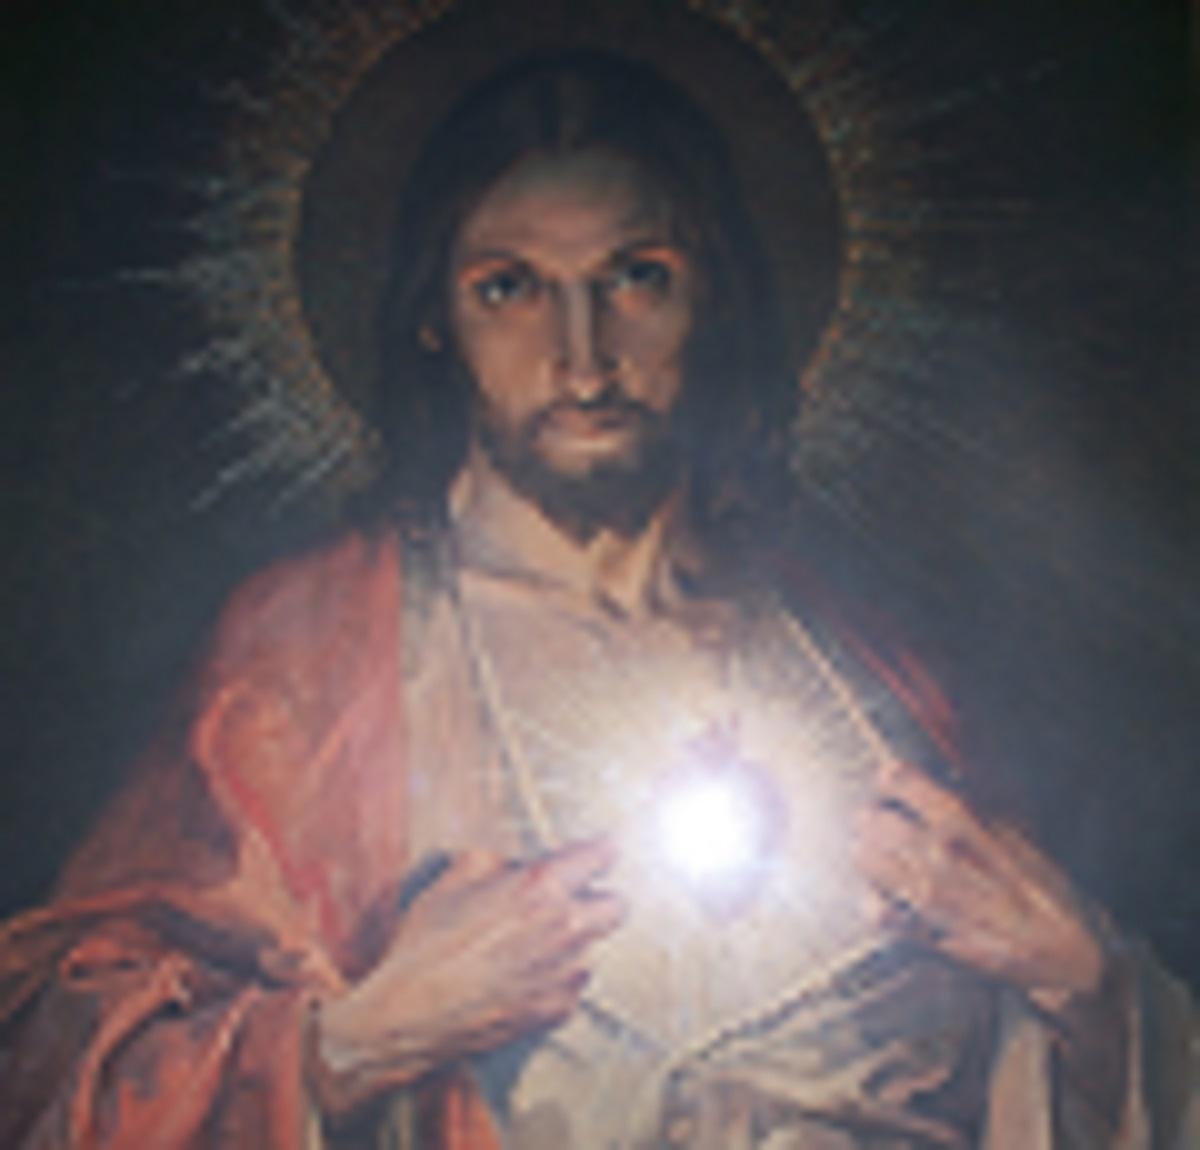 Lịch sử và ý nghĩa của việc sùng kính Thánh Tâm  Chúa Giêsu